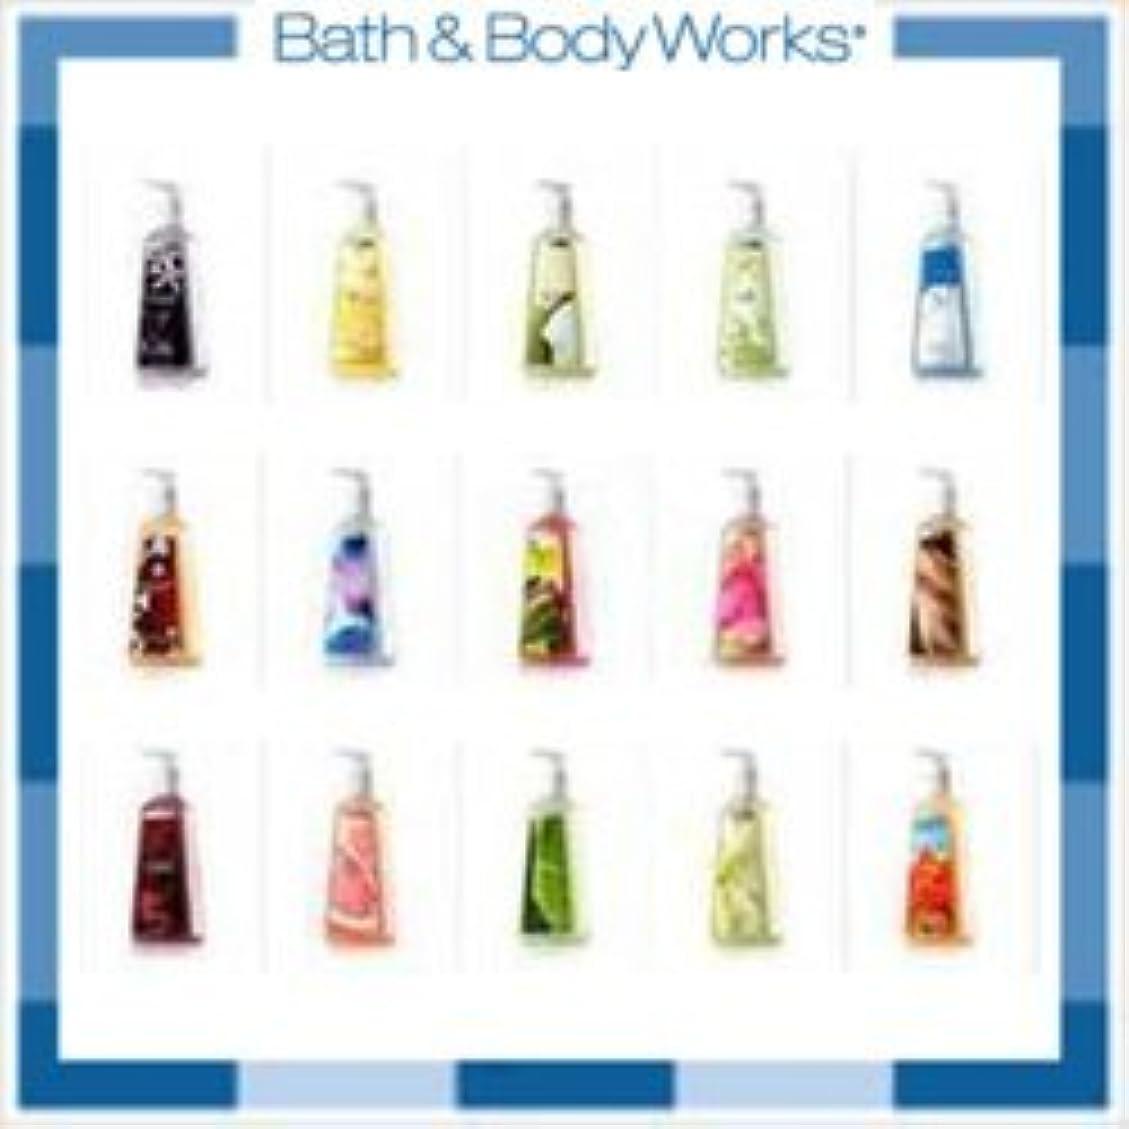 収束する無限大第五Bath and Body Works ハンドソープ ディープクレンジング 12本詰め合わせセット[海外直送品]